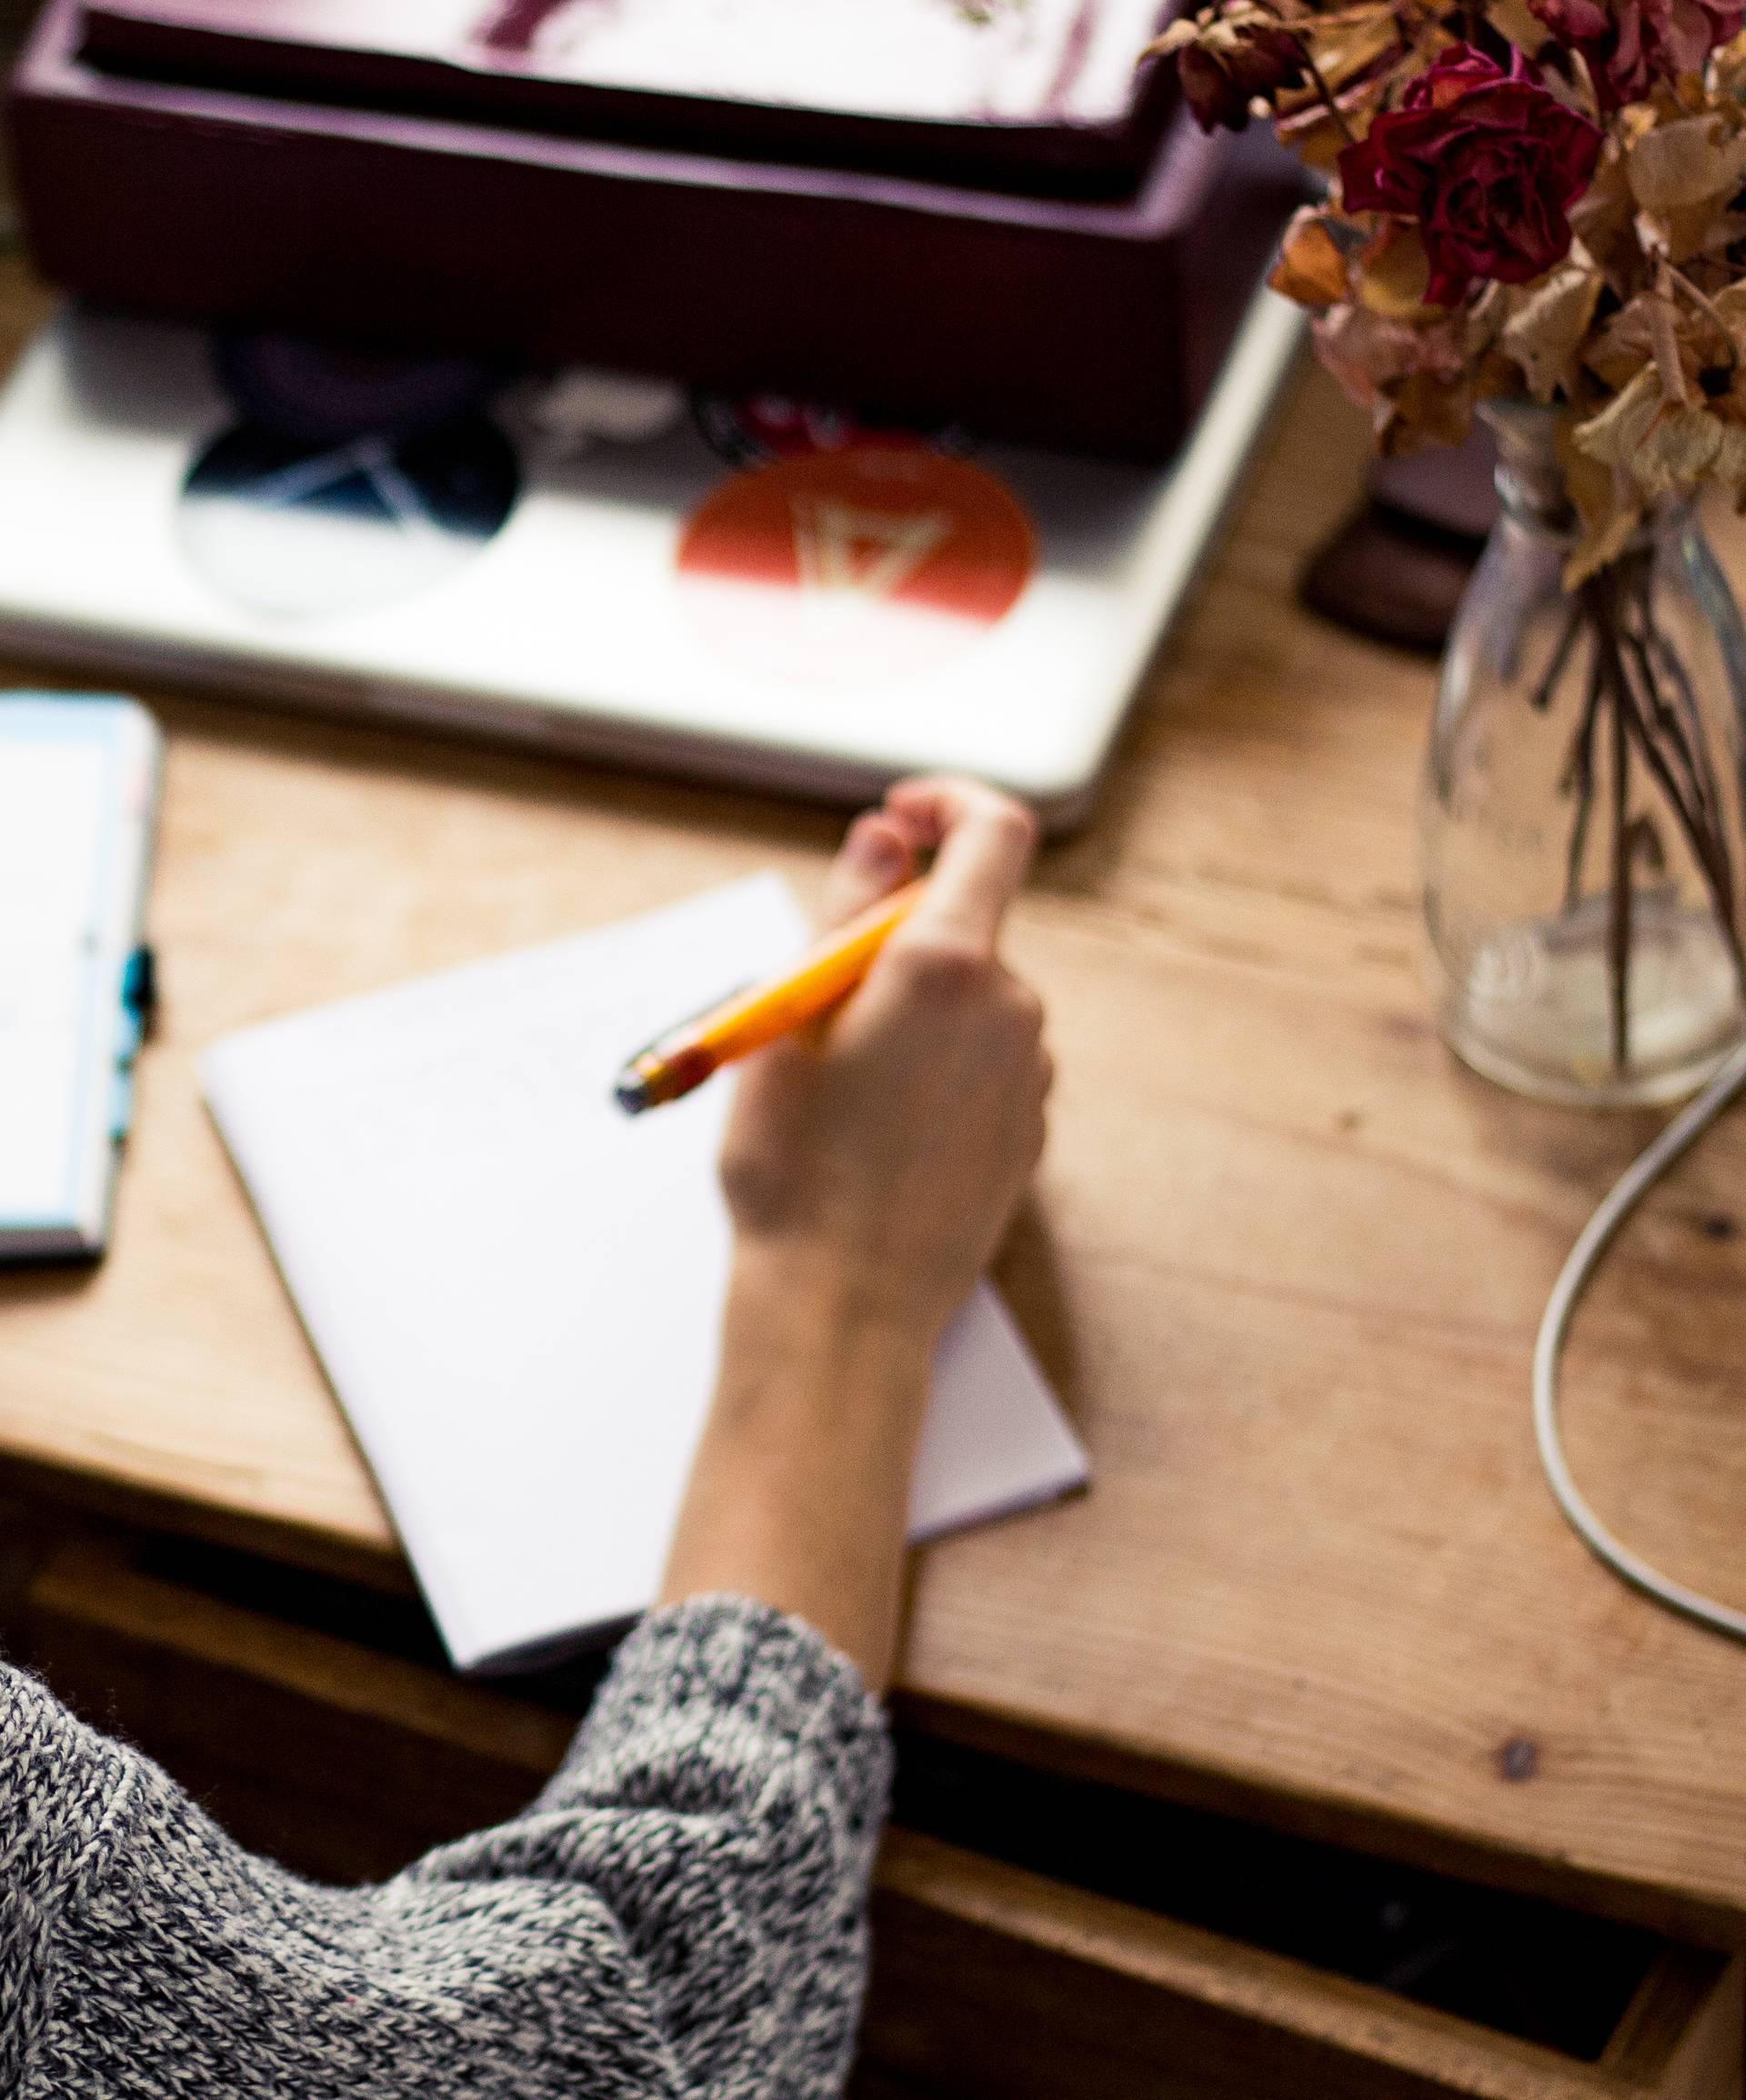 Ujutro zapisujte prve misli, bit ćete smireniji i puno kreativniji